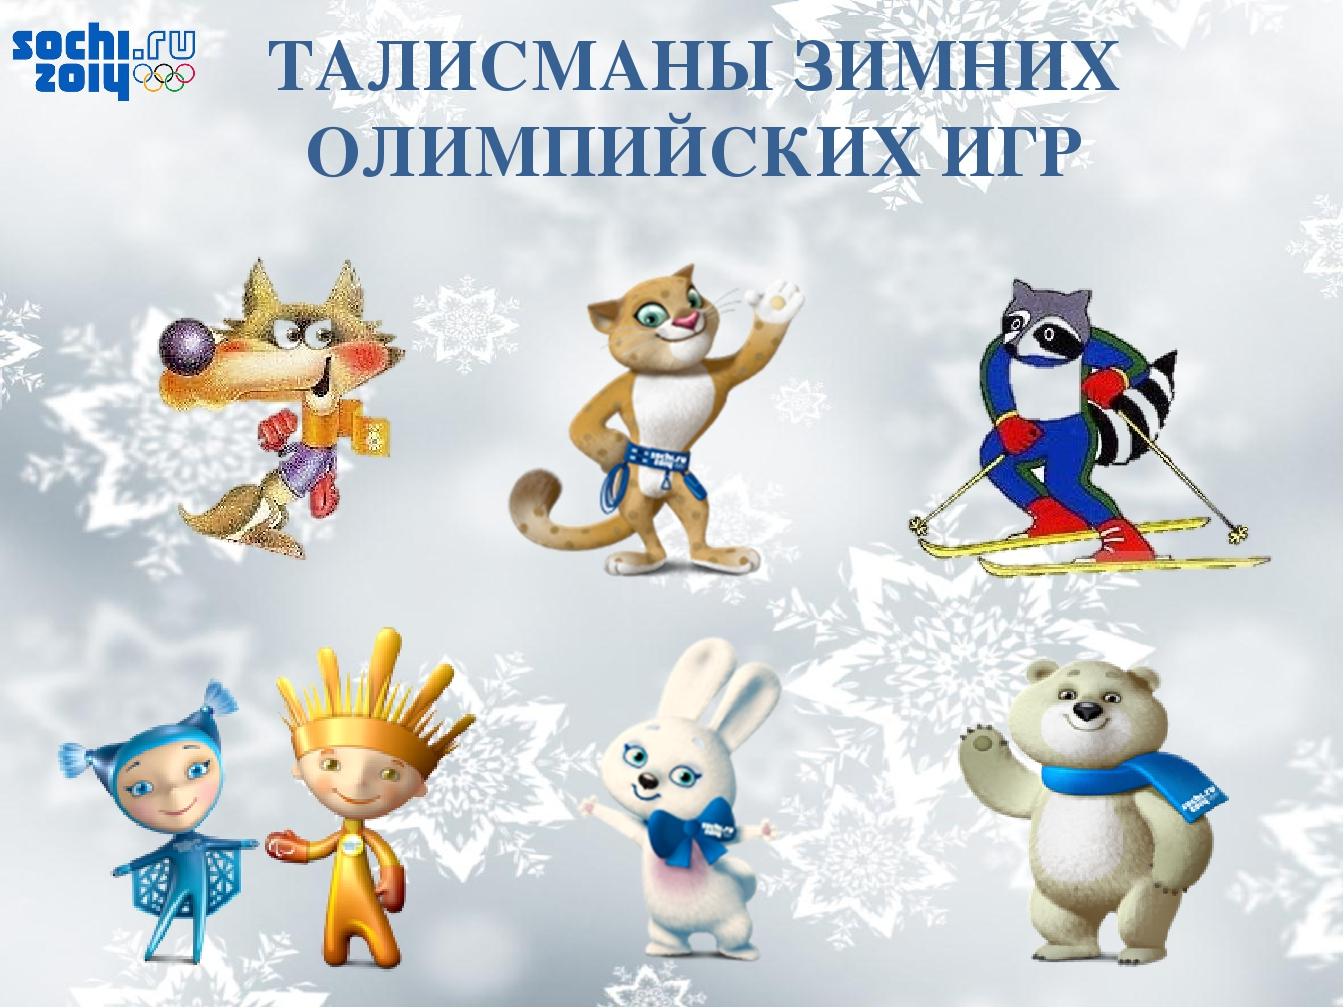 Картинки с талисманами олимпийских игр, рабочий